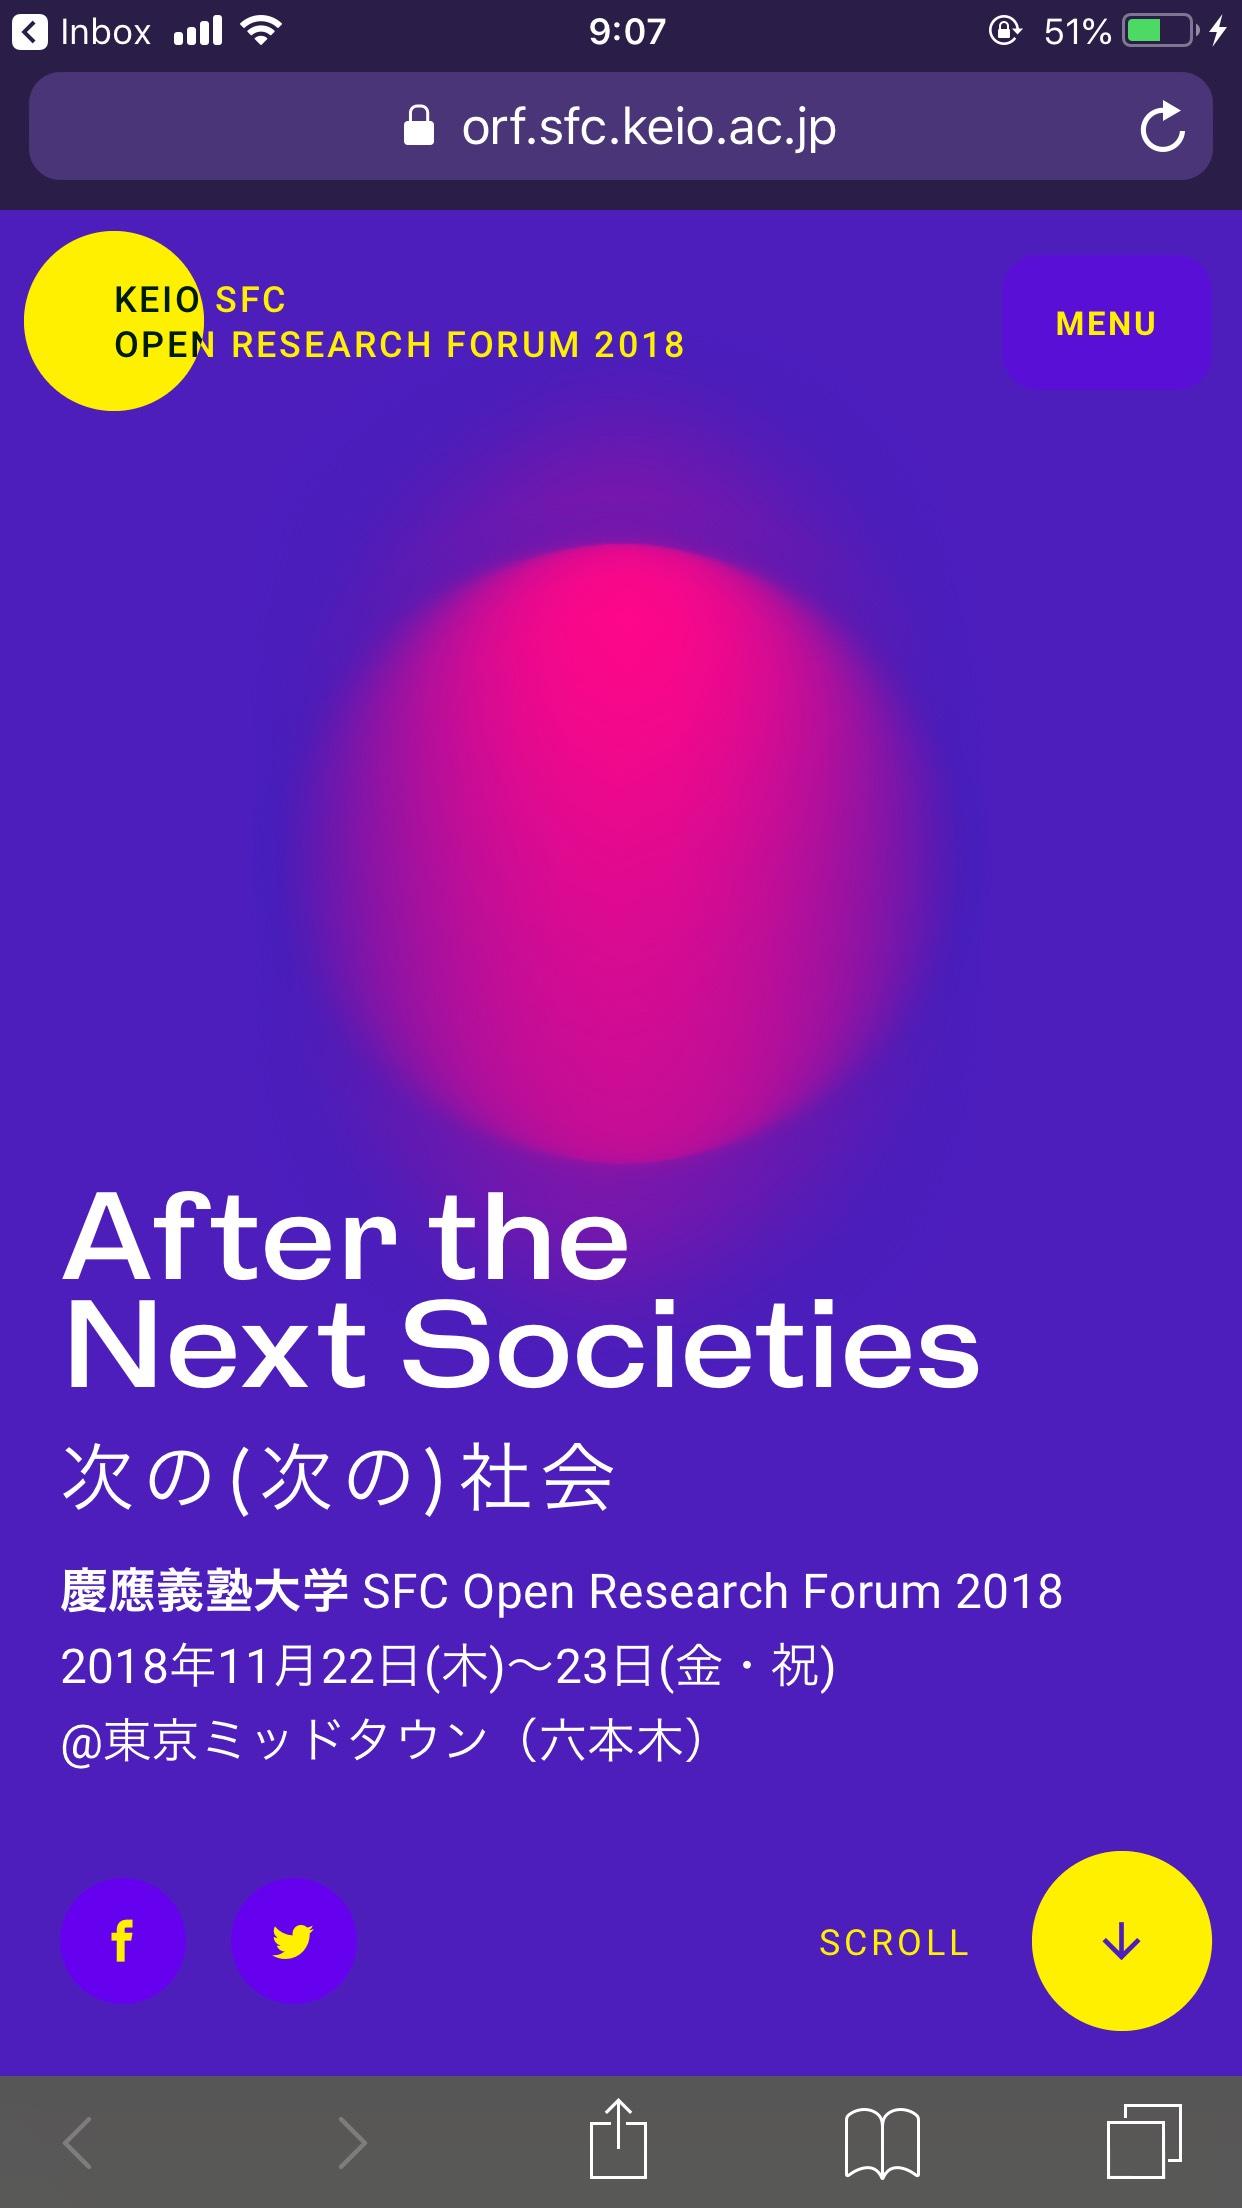 慶應義塾大学|SFC Open Research Forum 2018